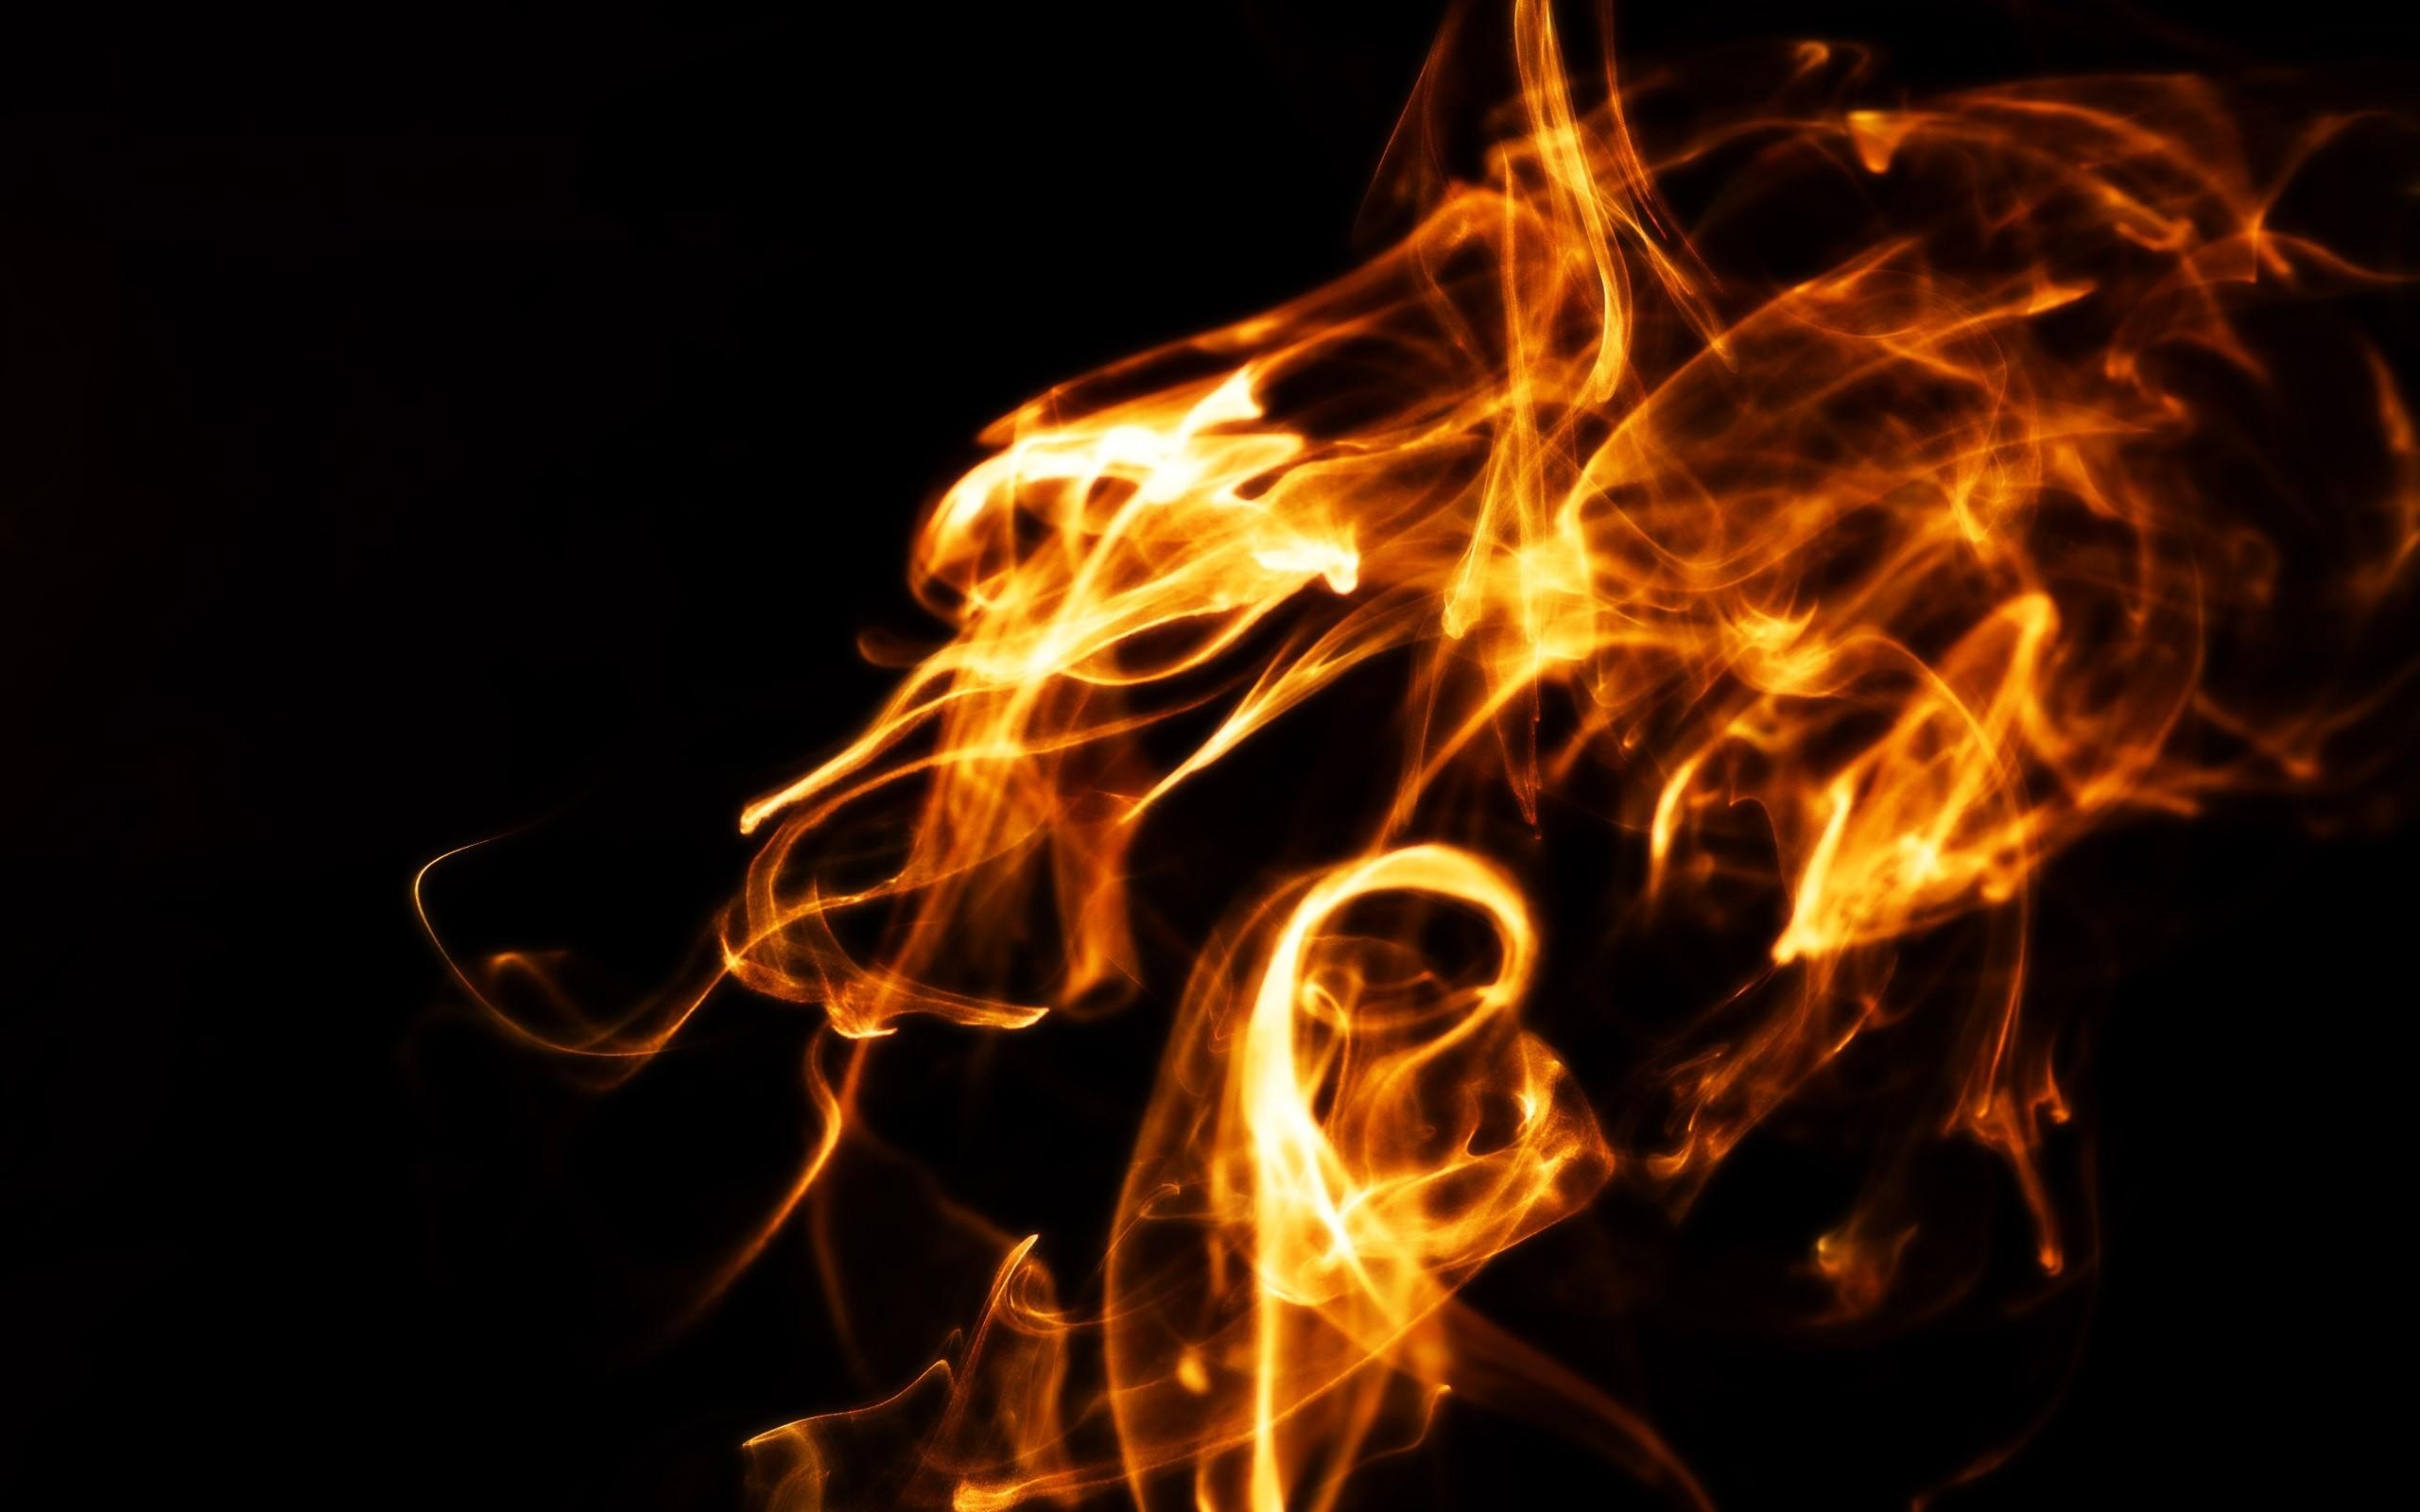 Обои На Телефон Огонь